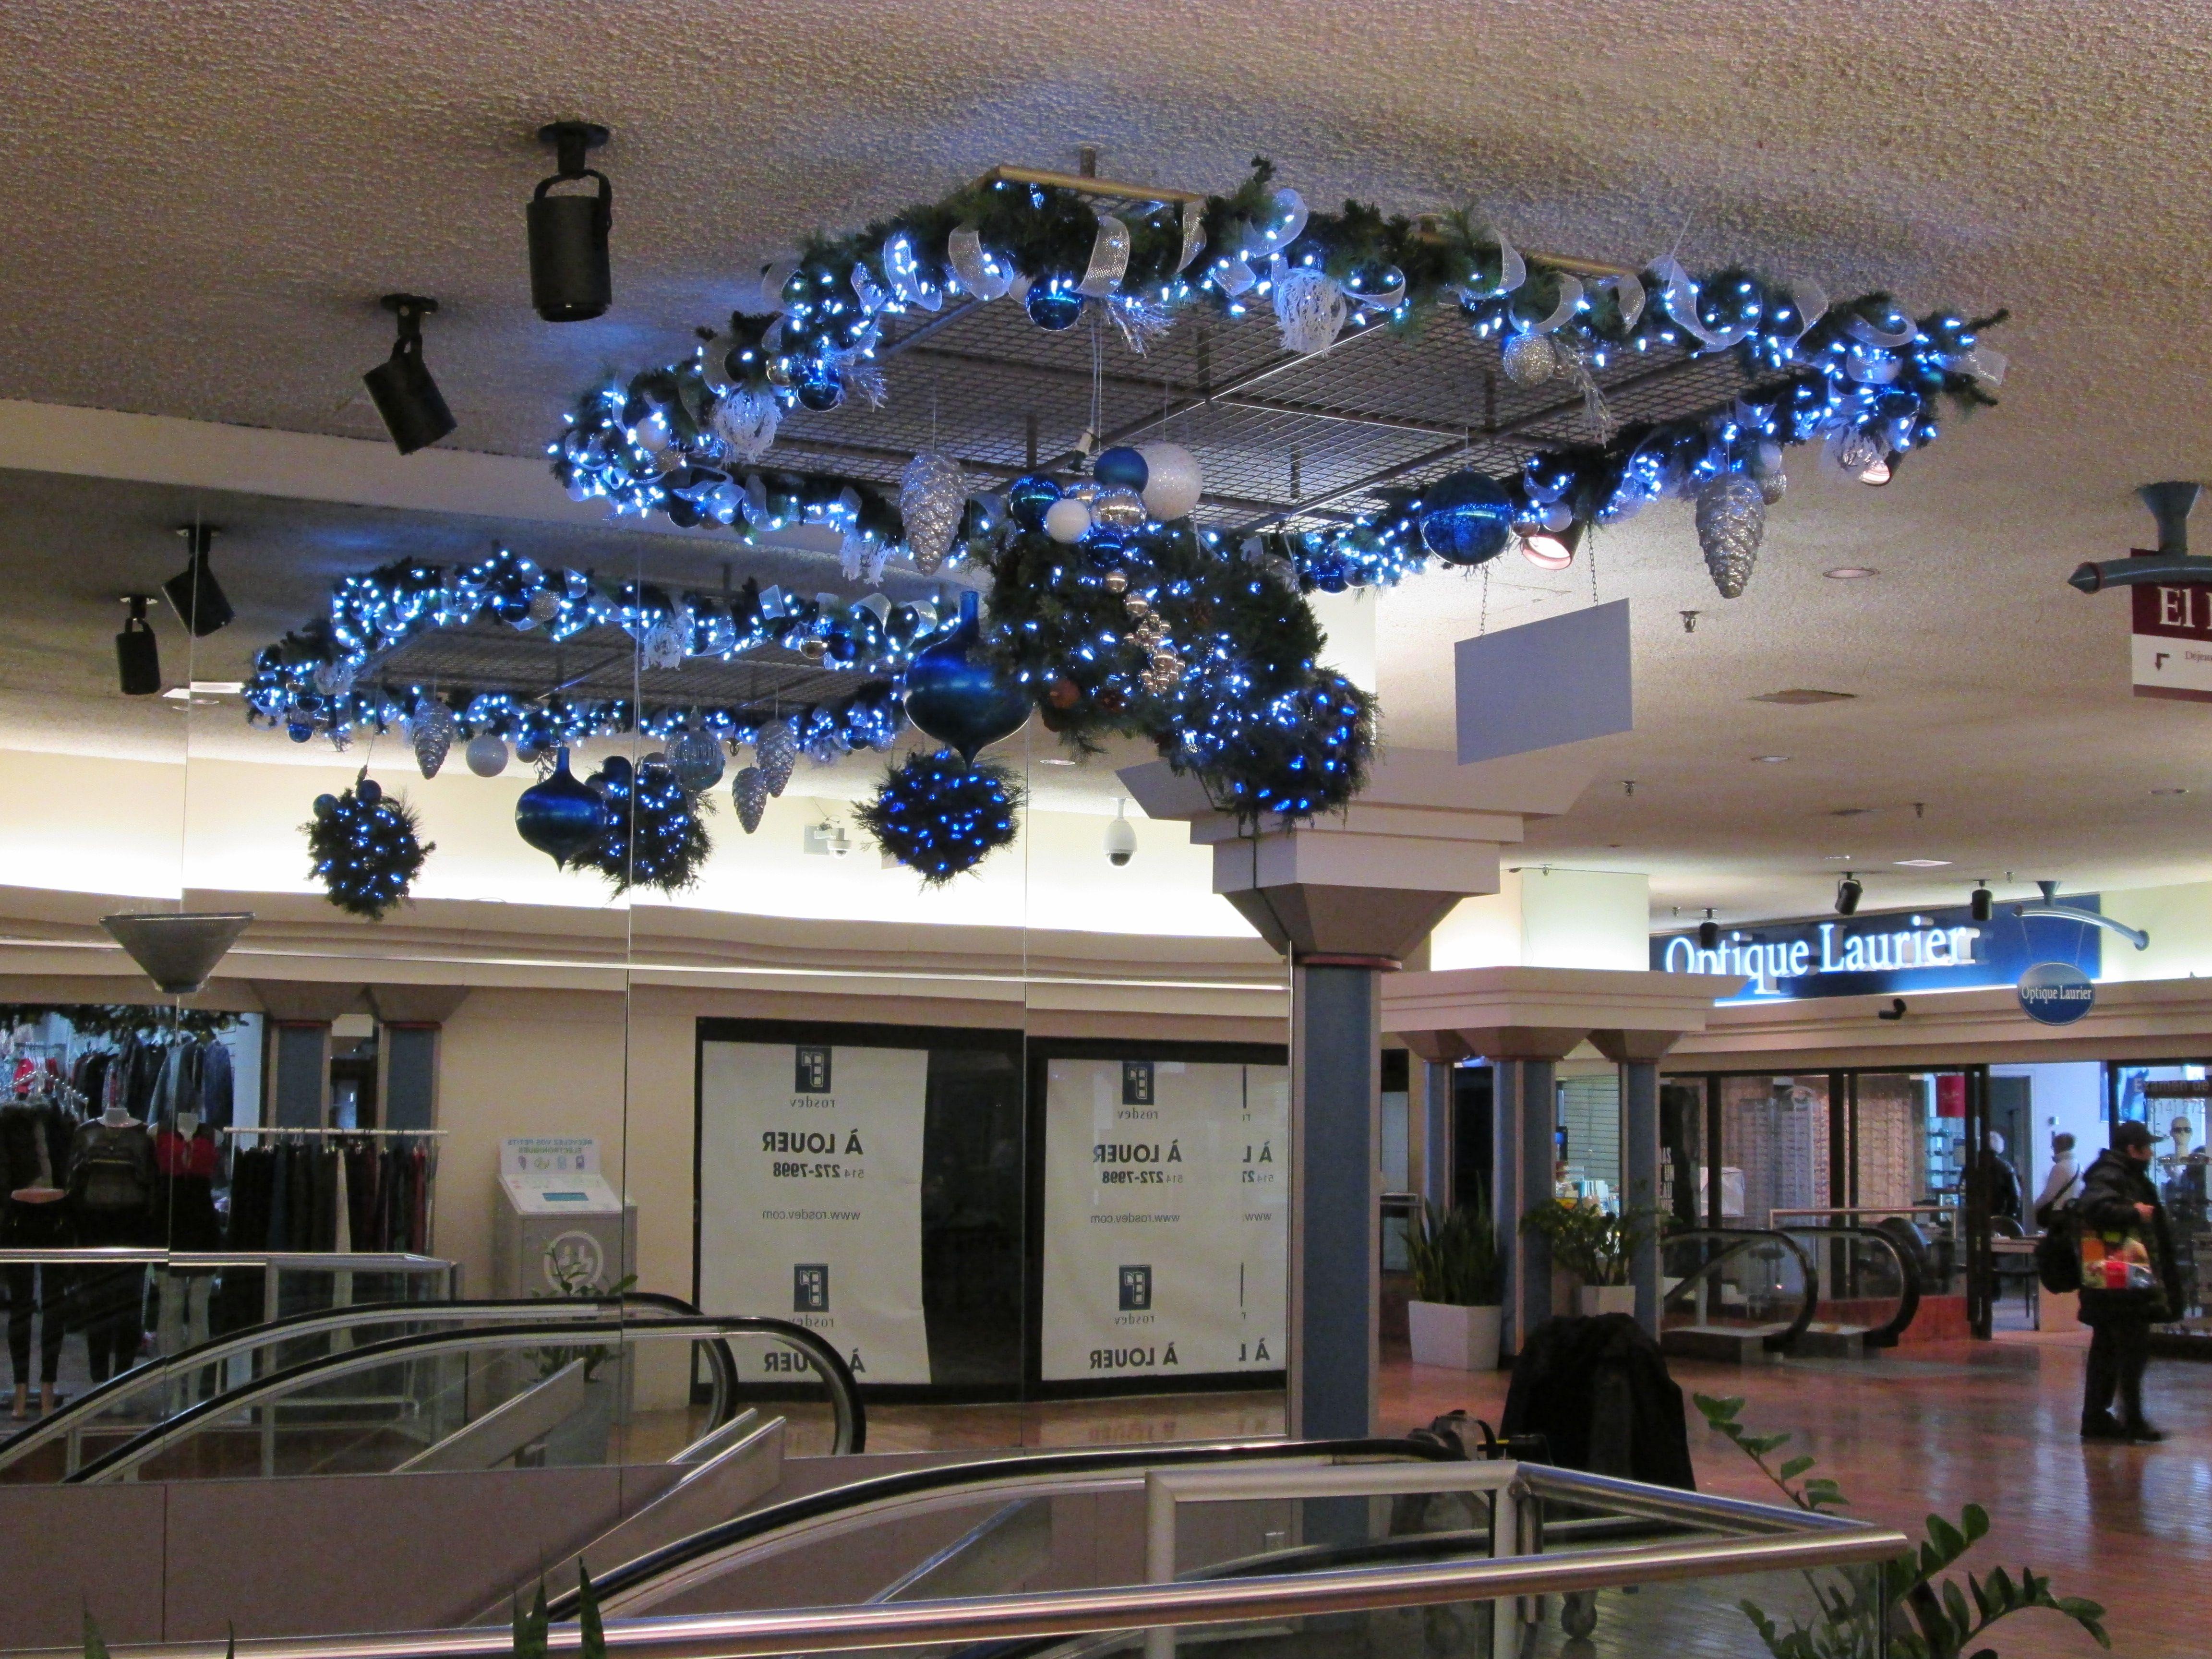 Installation de guirlandes et boules lumineuses sur treillis. Réalisation par #Alphaplantes #Noel #Christmas #Holidays #Fetes #Bleu #Blue #Garland #Lights #Xmas